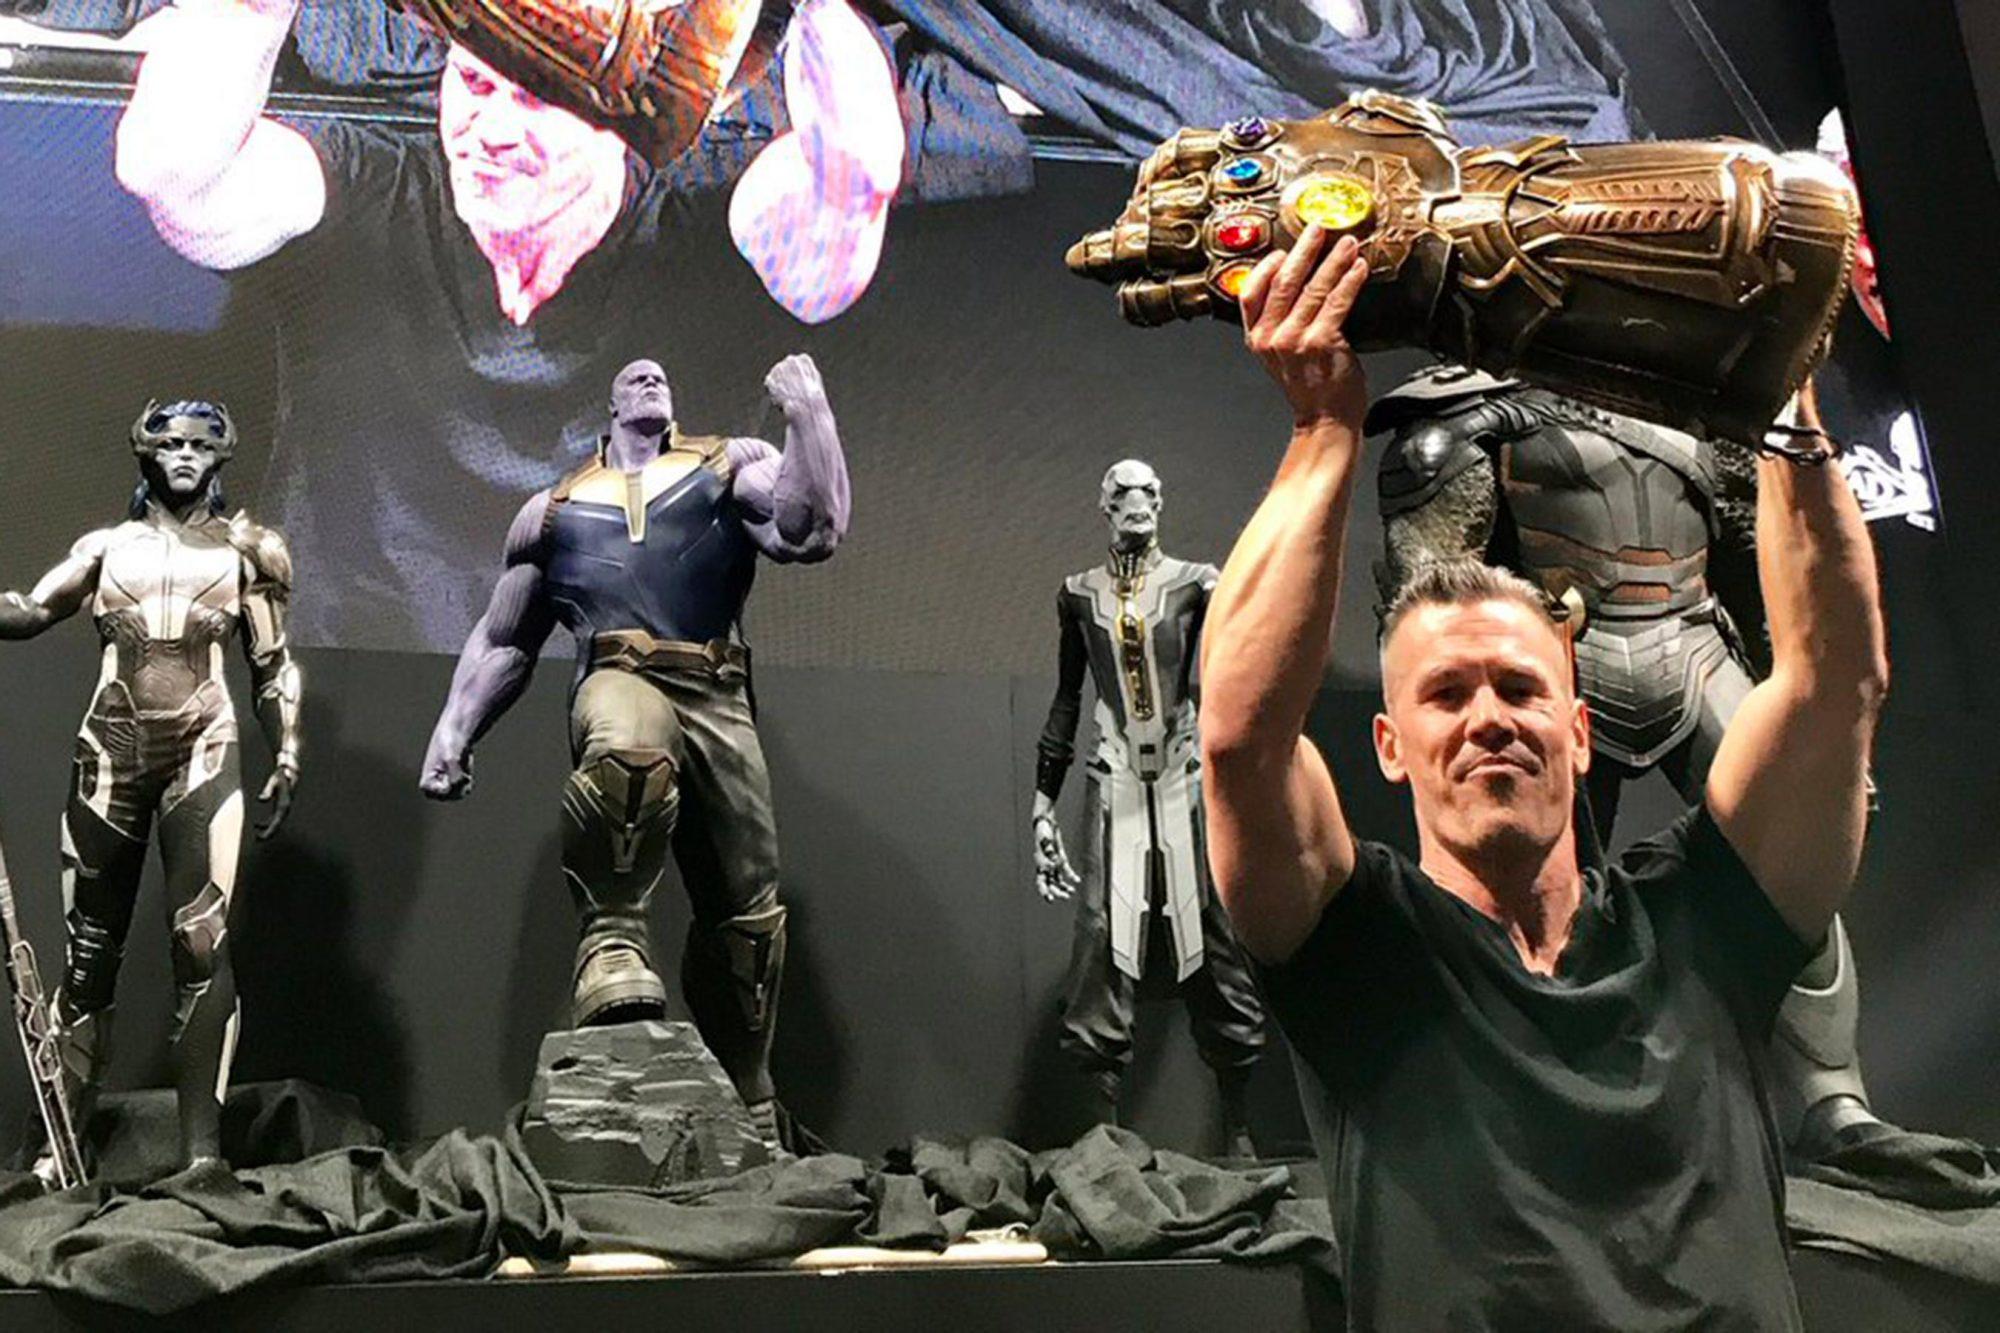 Josh Brolin Marvel Studios Twitter CR: Marvel Studios/Twitter